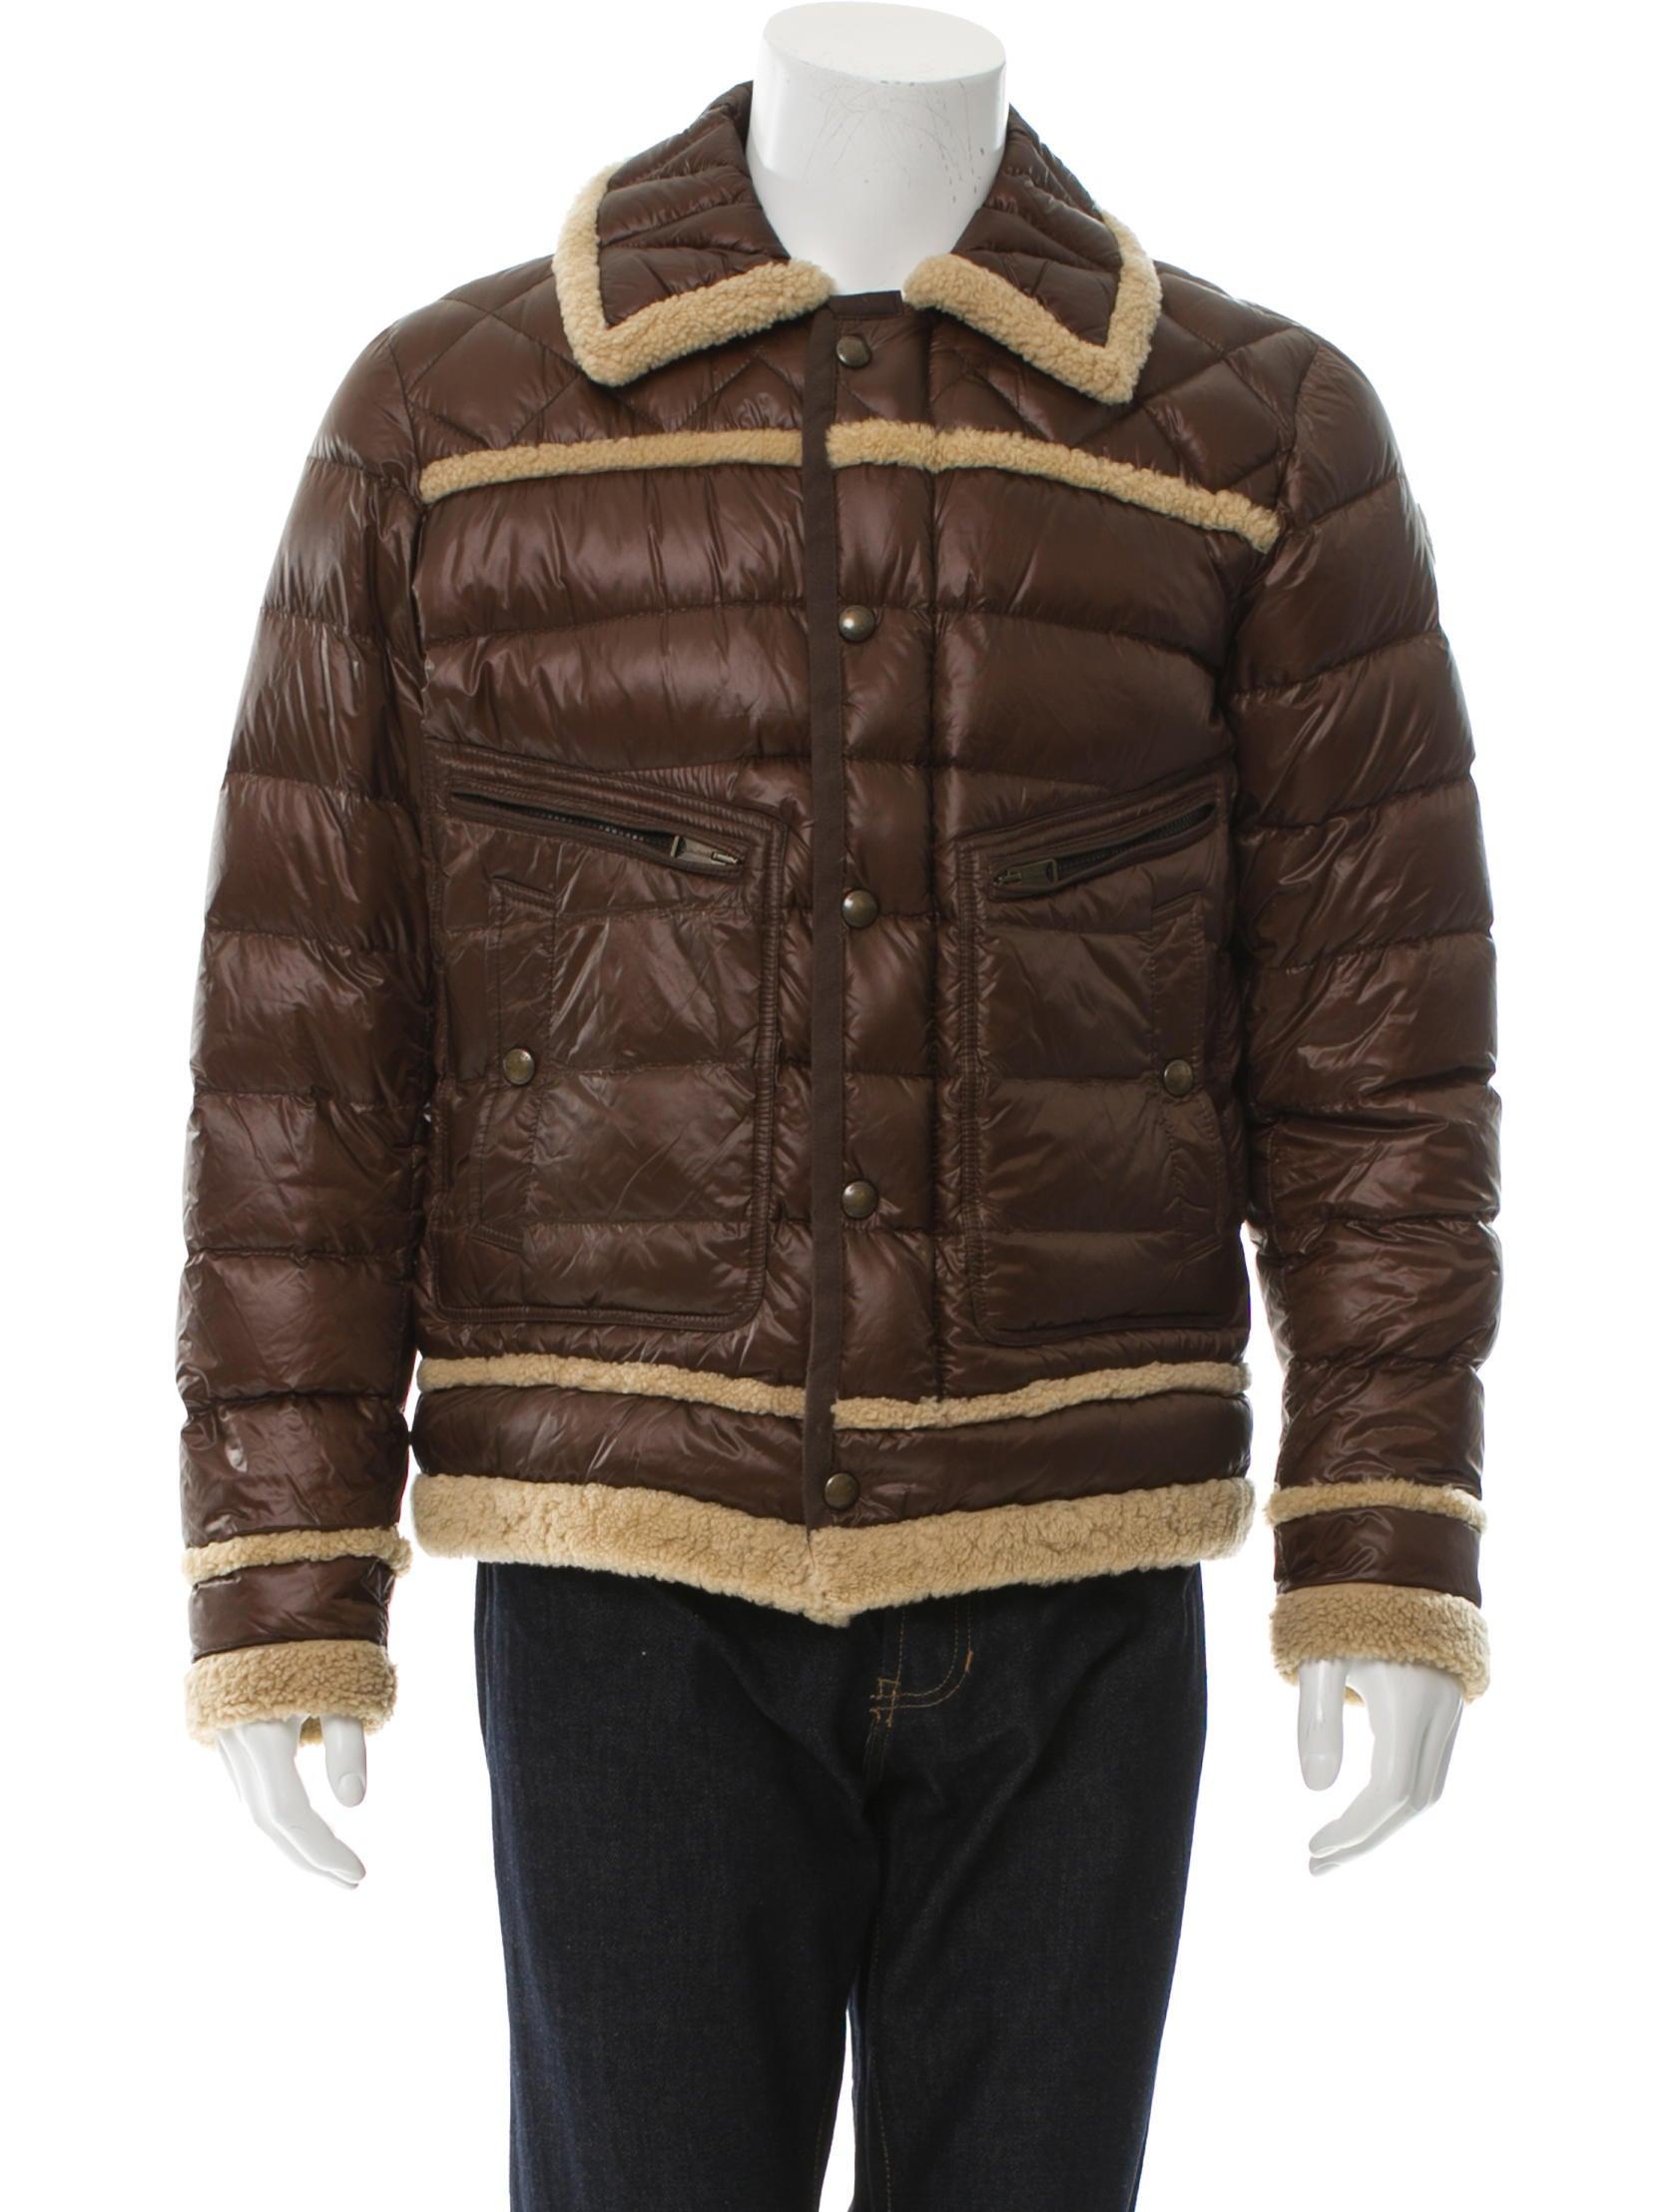 Evariste Shearling-Trimmed Jacket